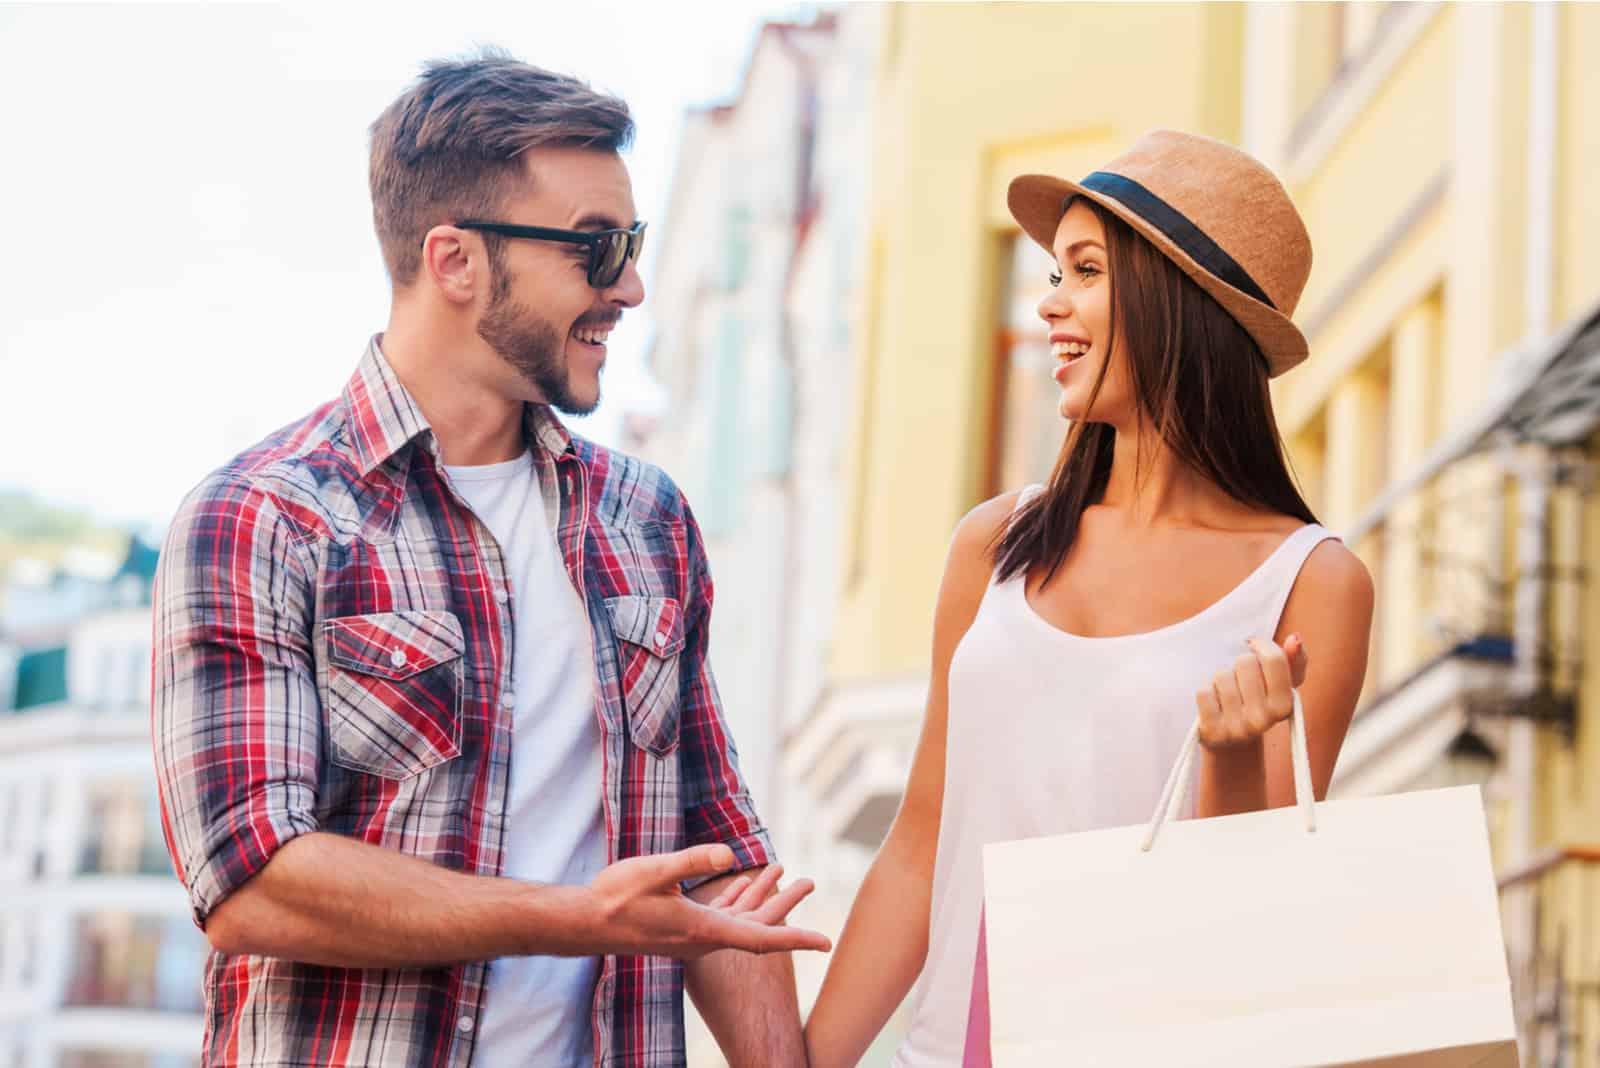 un homme et une femme marchent dans la rue et rient